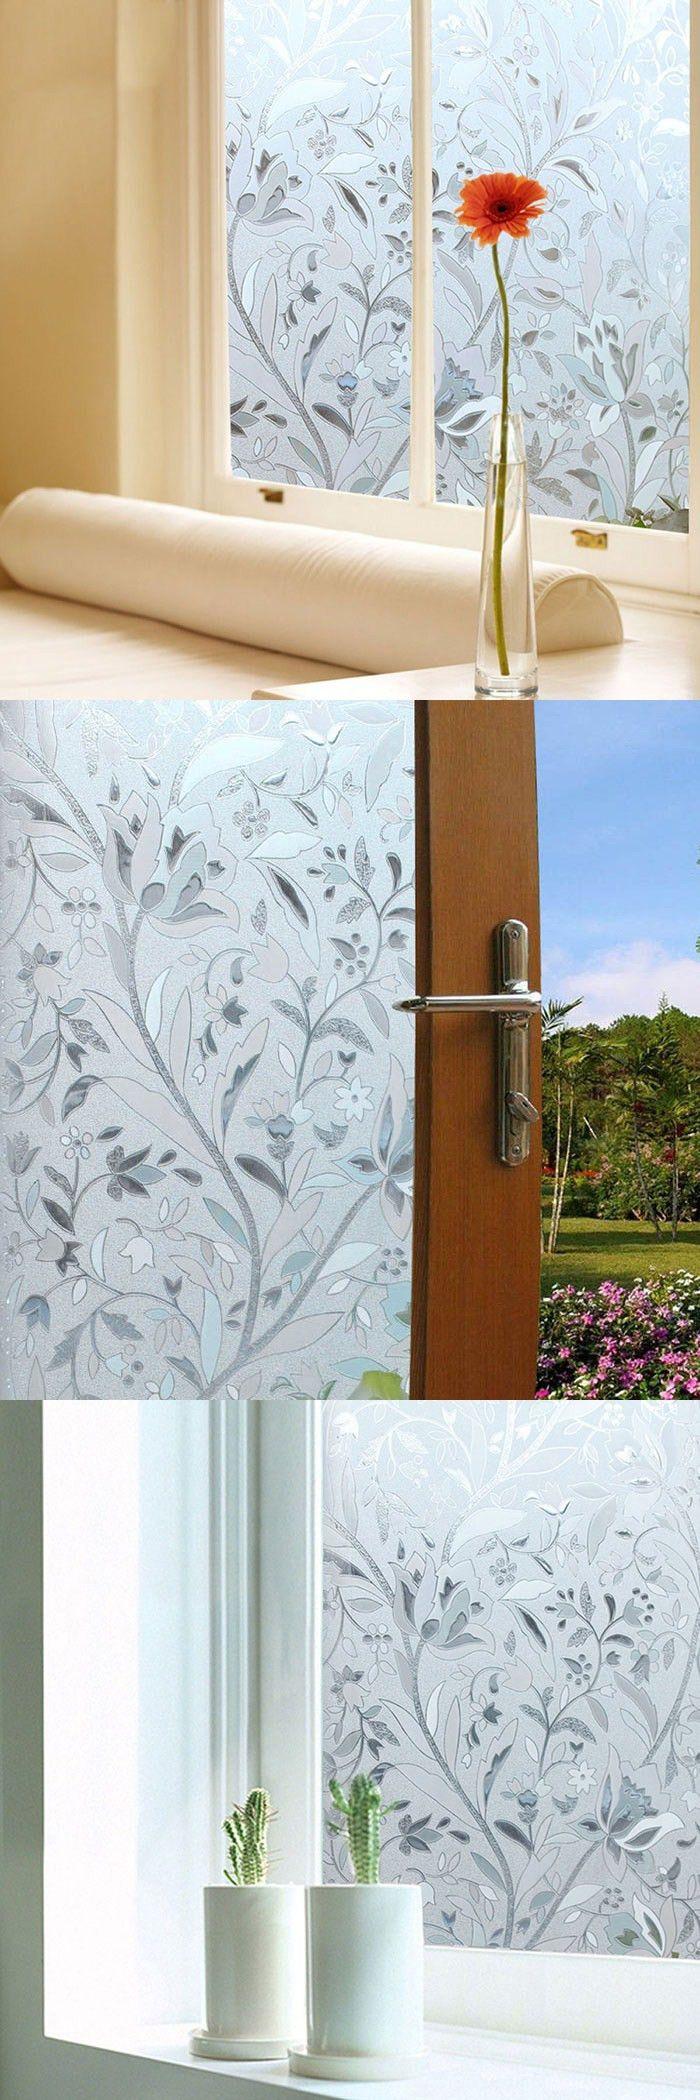 TS-W180 PVC Printing Pattern Window Sticker - TRANSPARENT